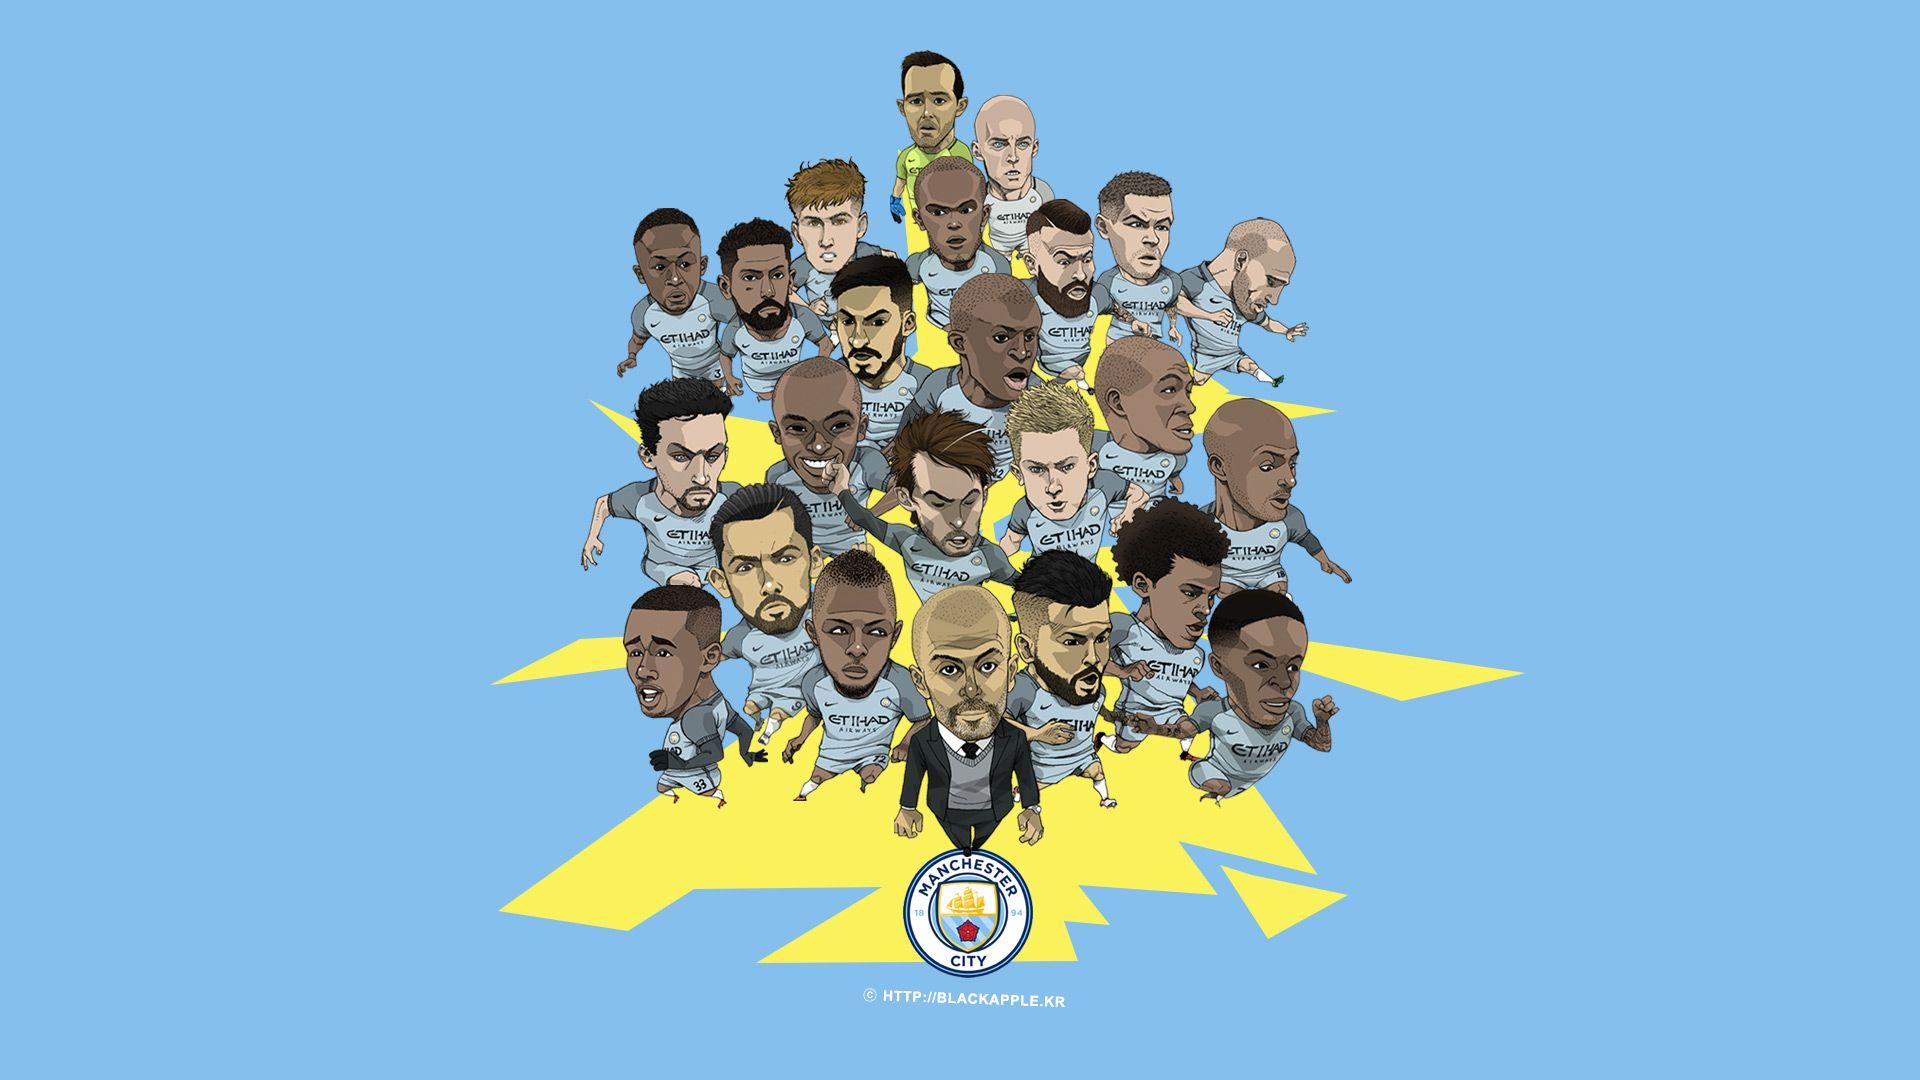 Manchester City Full Squad Fan Art for PC Wallpaper